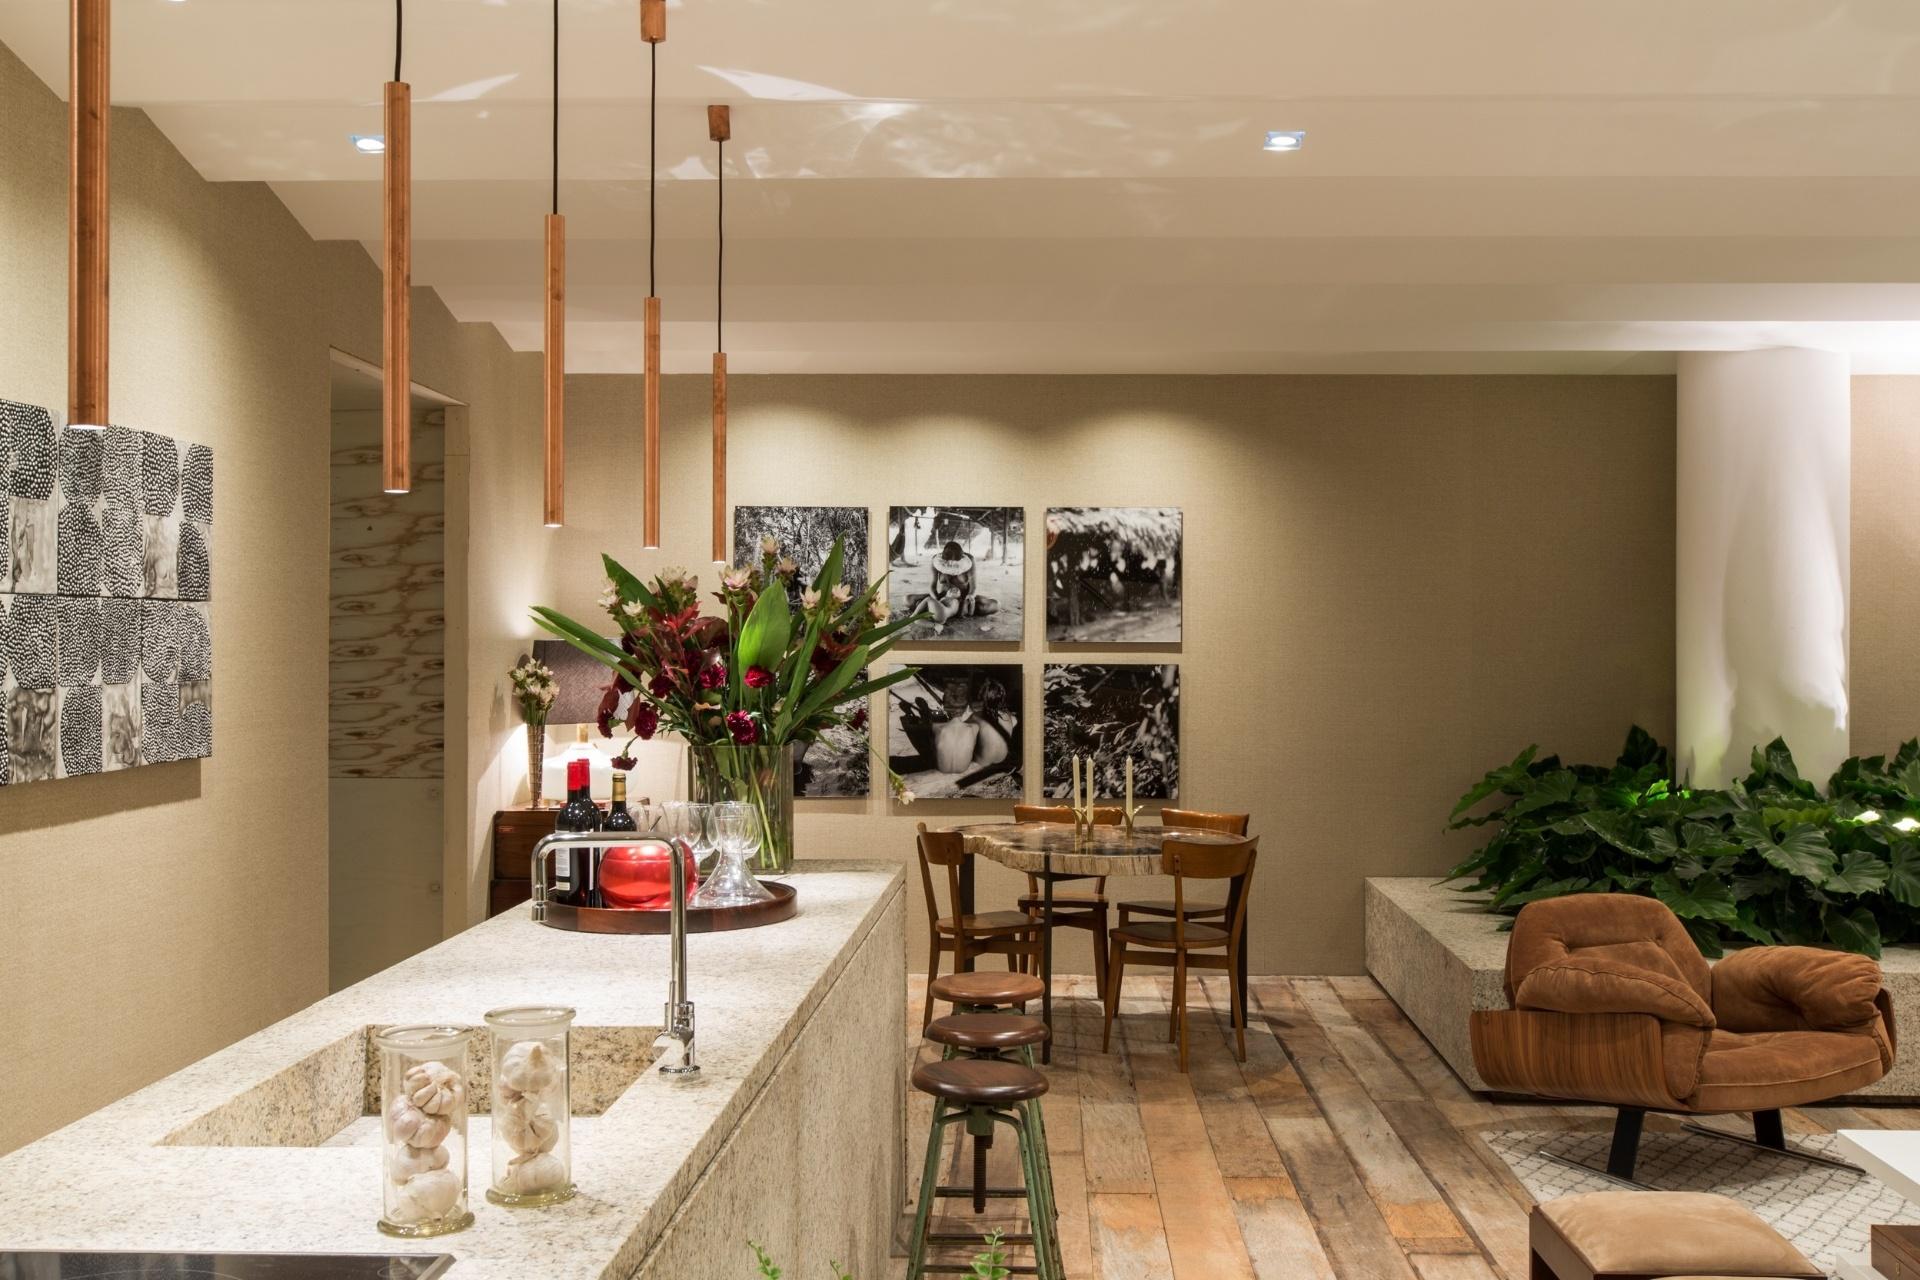 para construir ou reformar a cozinha de casa BOL Fotos BOL Fotos #A82723 1920 1280